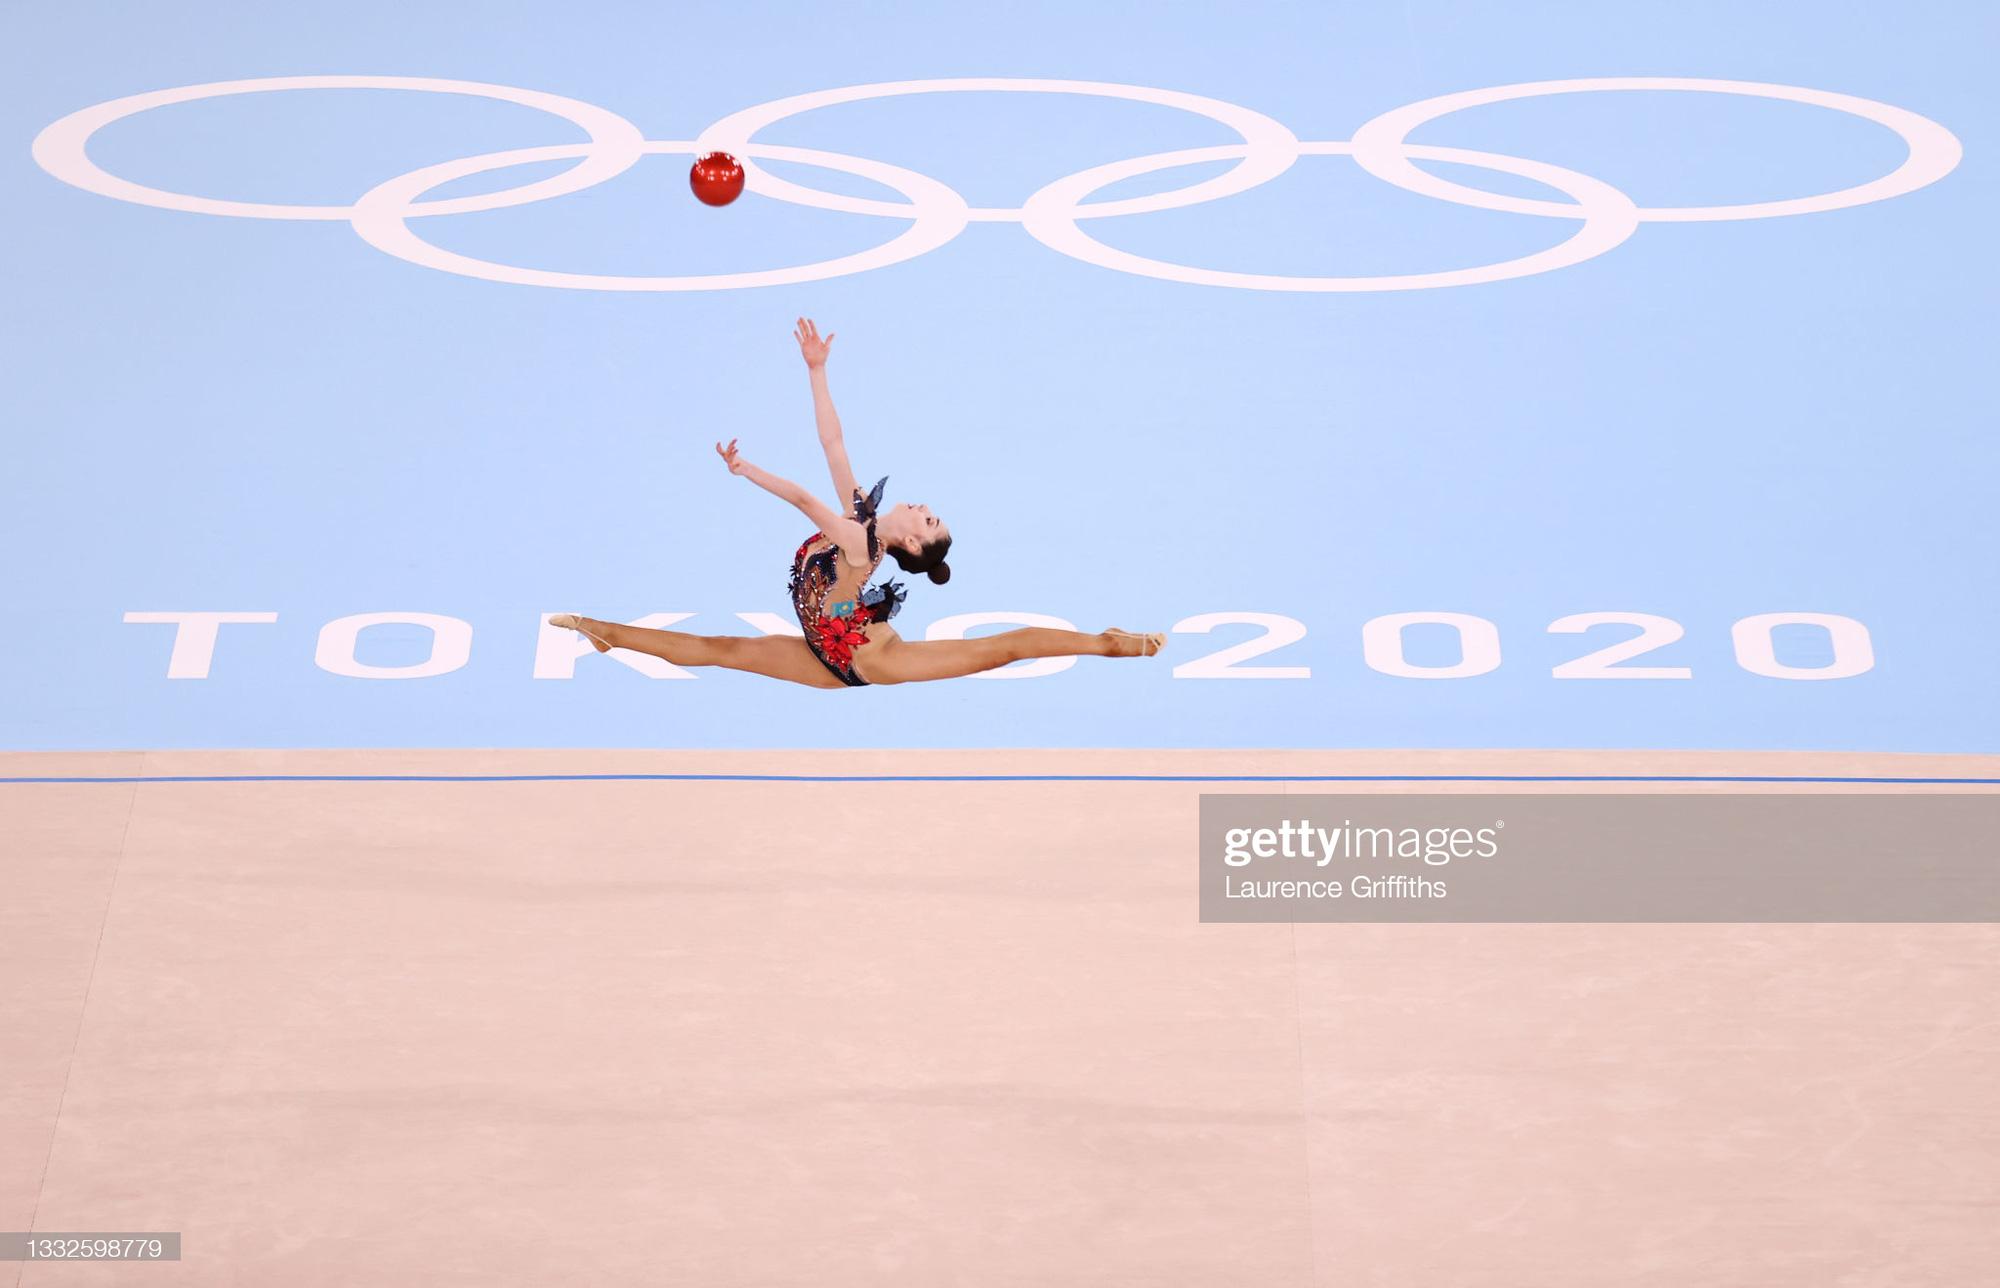 Những góc ảnh đẹp ngỡ ngàng ở Olympic Tokyo 2020 - Ảnh 1.